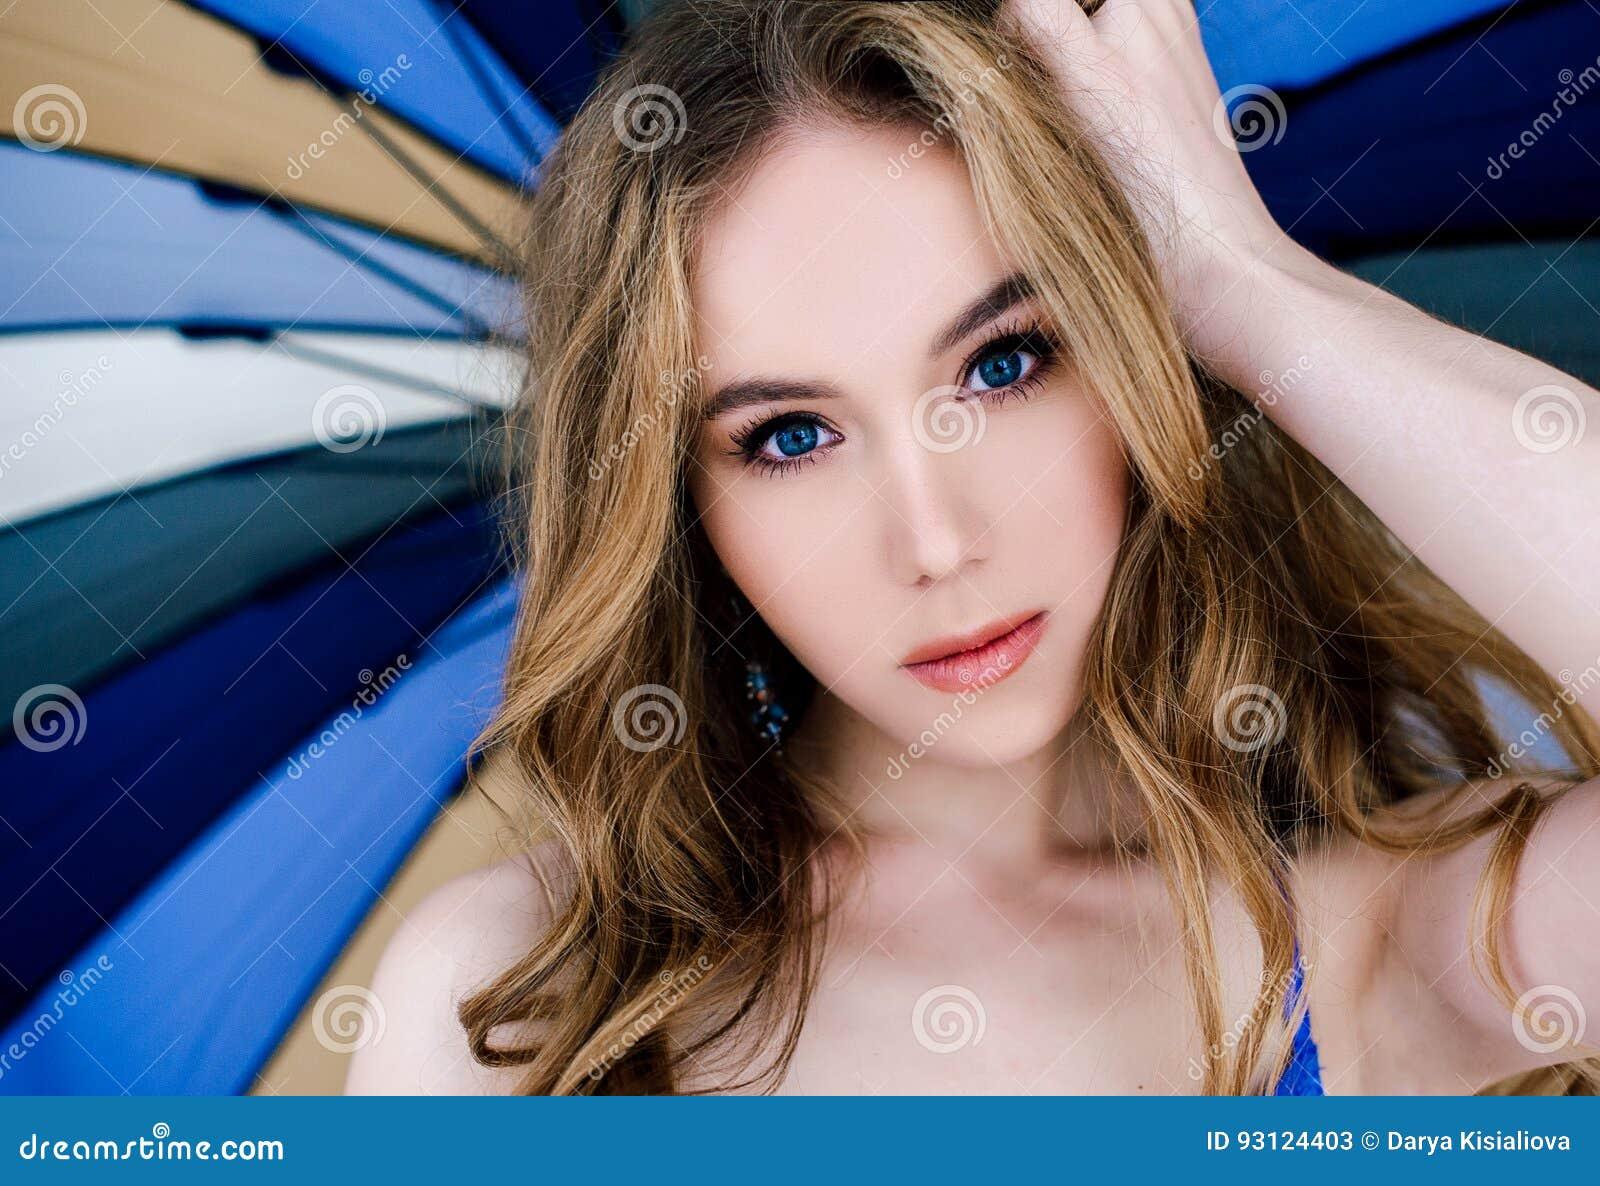 Piękna seksowna dama w eleganckich błękitnych majtasach i staniku Moda portret model indoors Piękno blondynki kobieta trzyma para